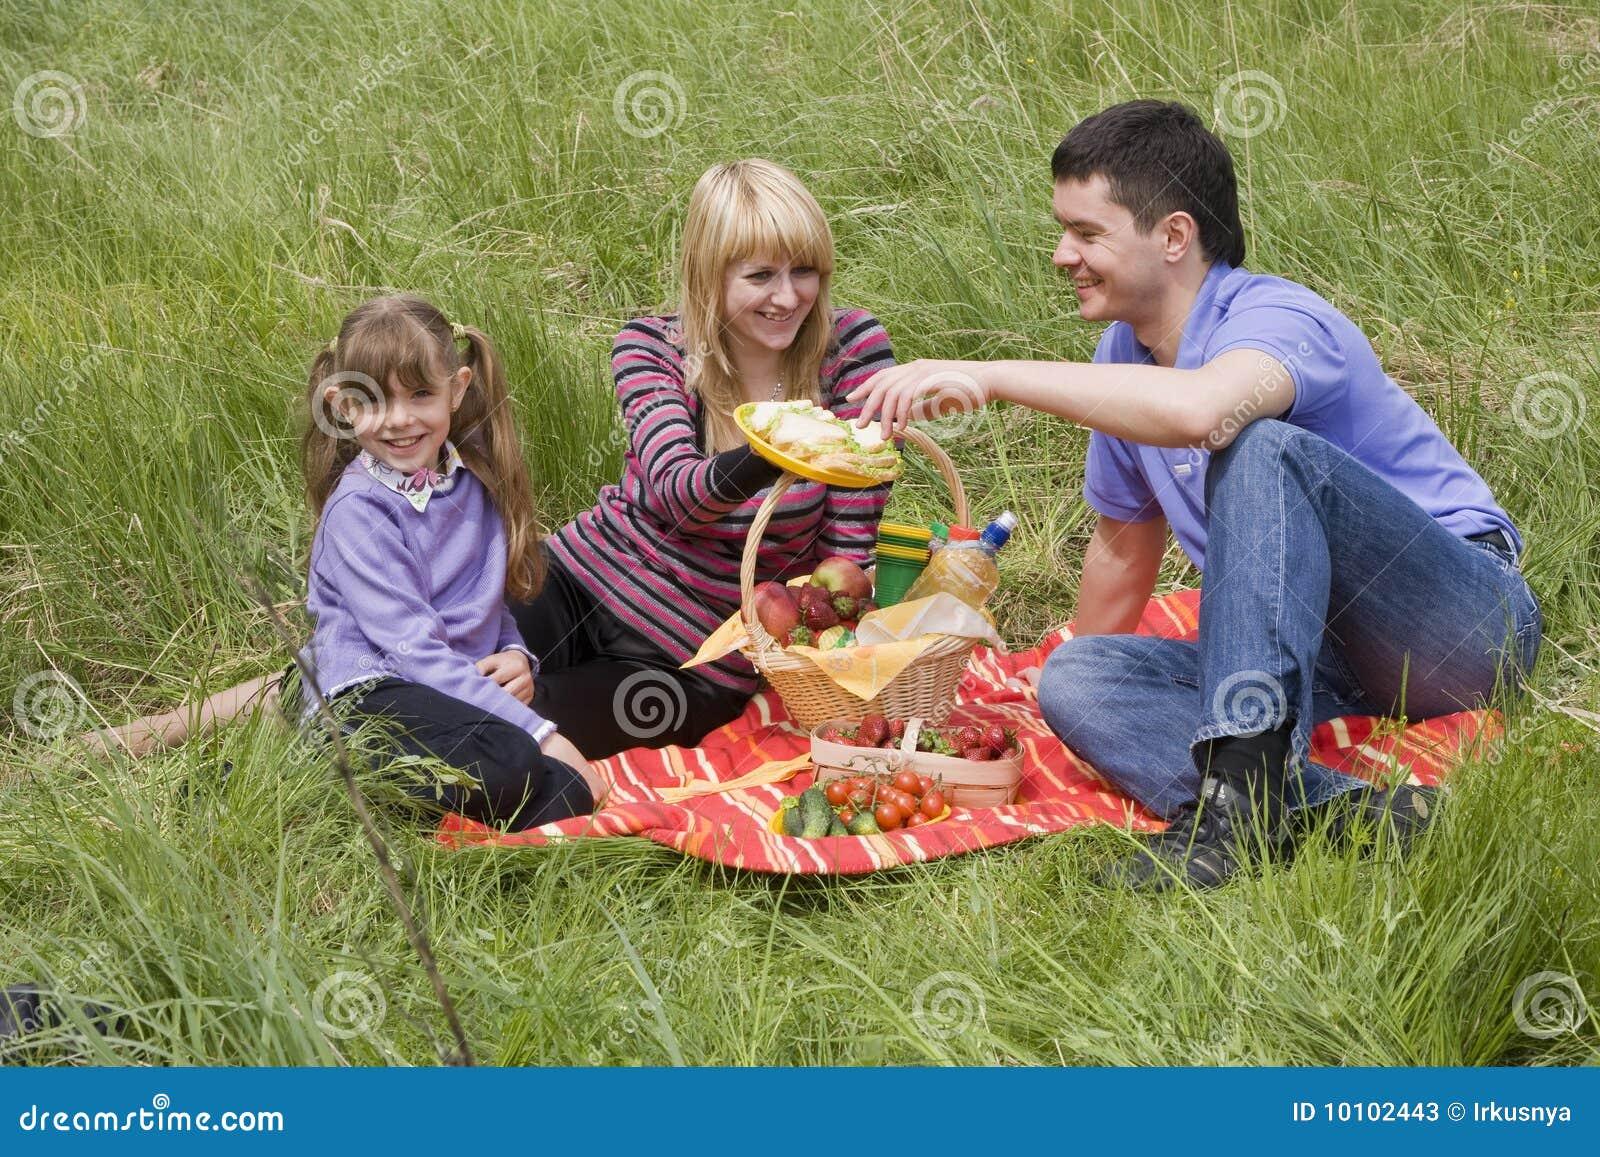 С женой на пикнике 4 фотография